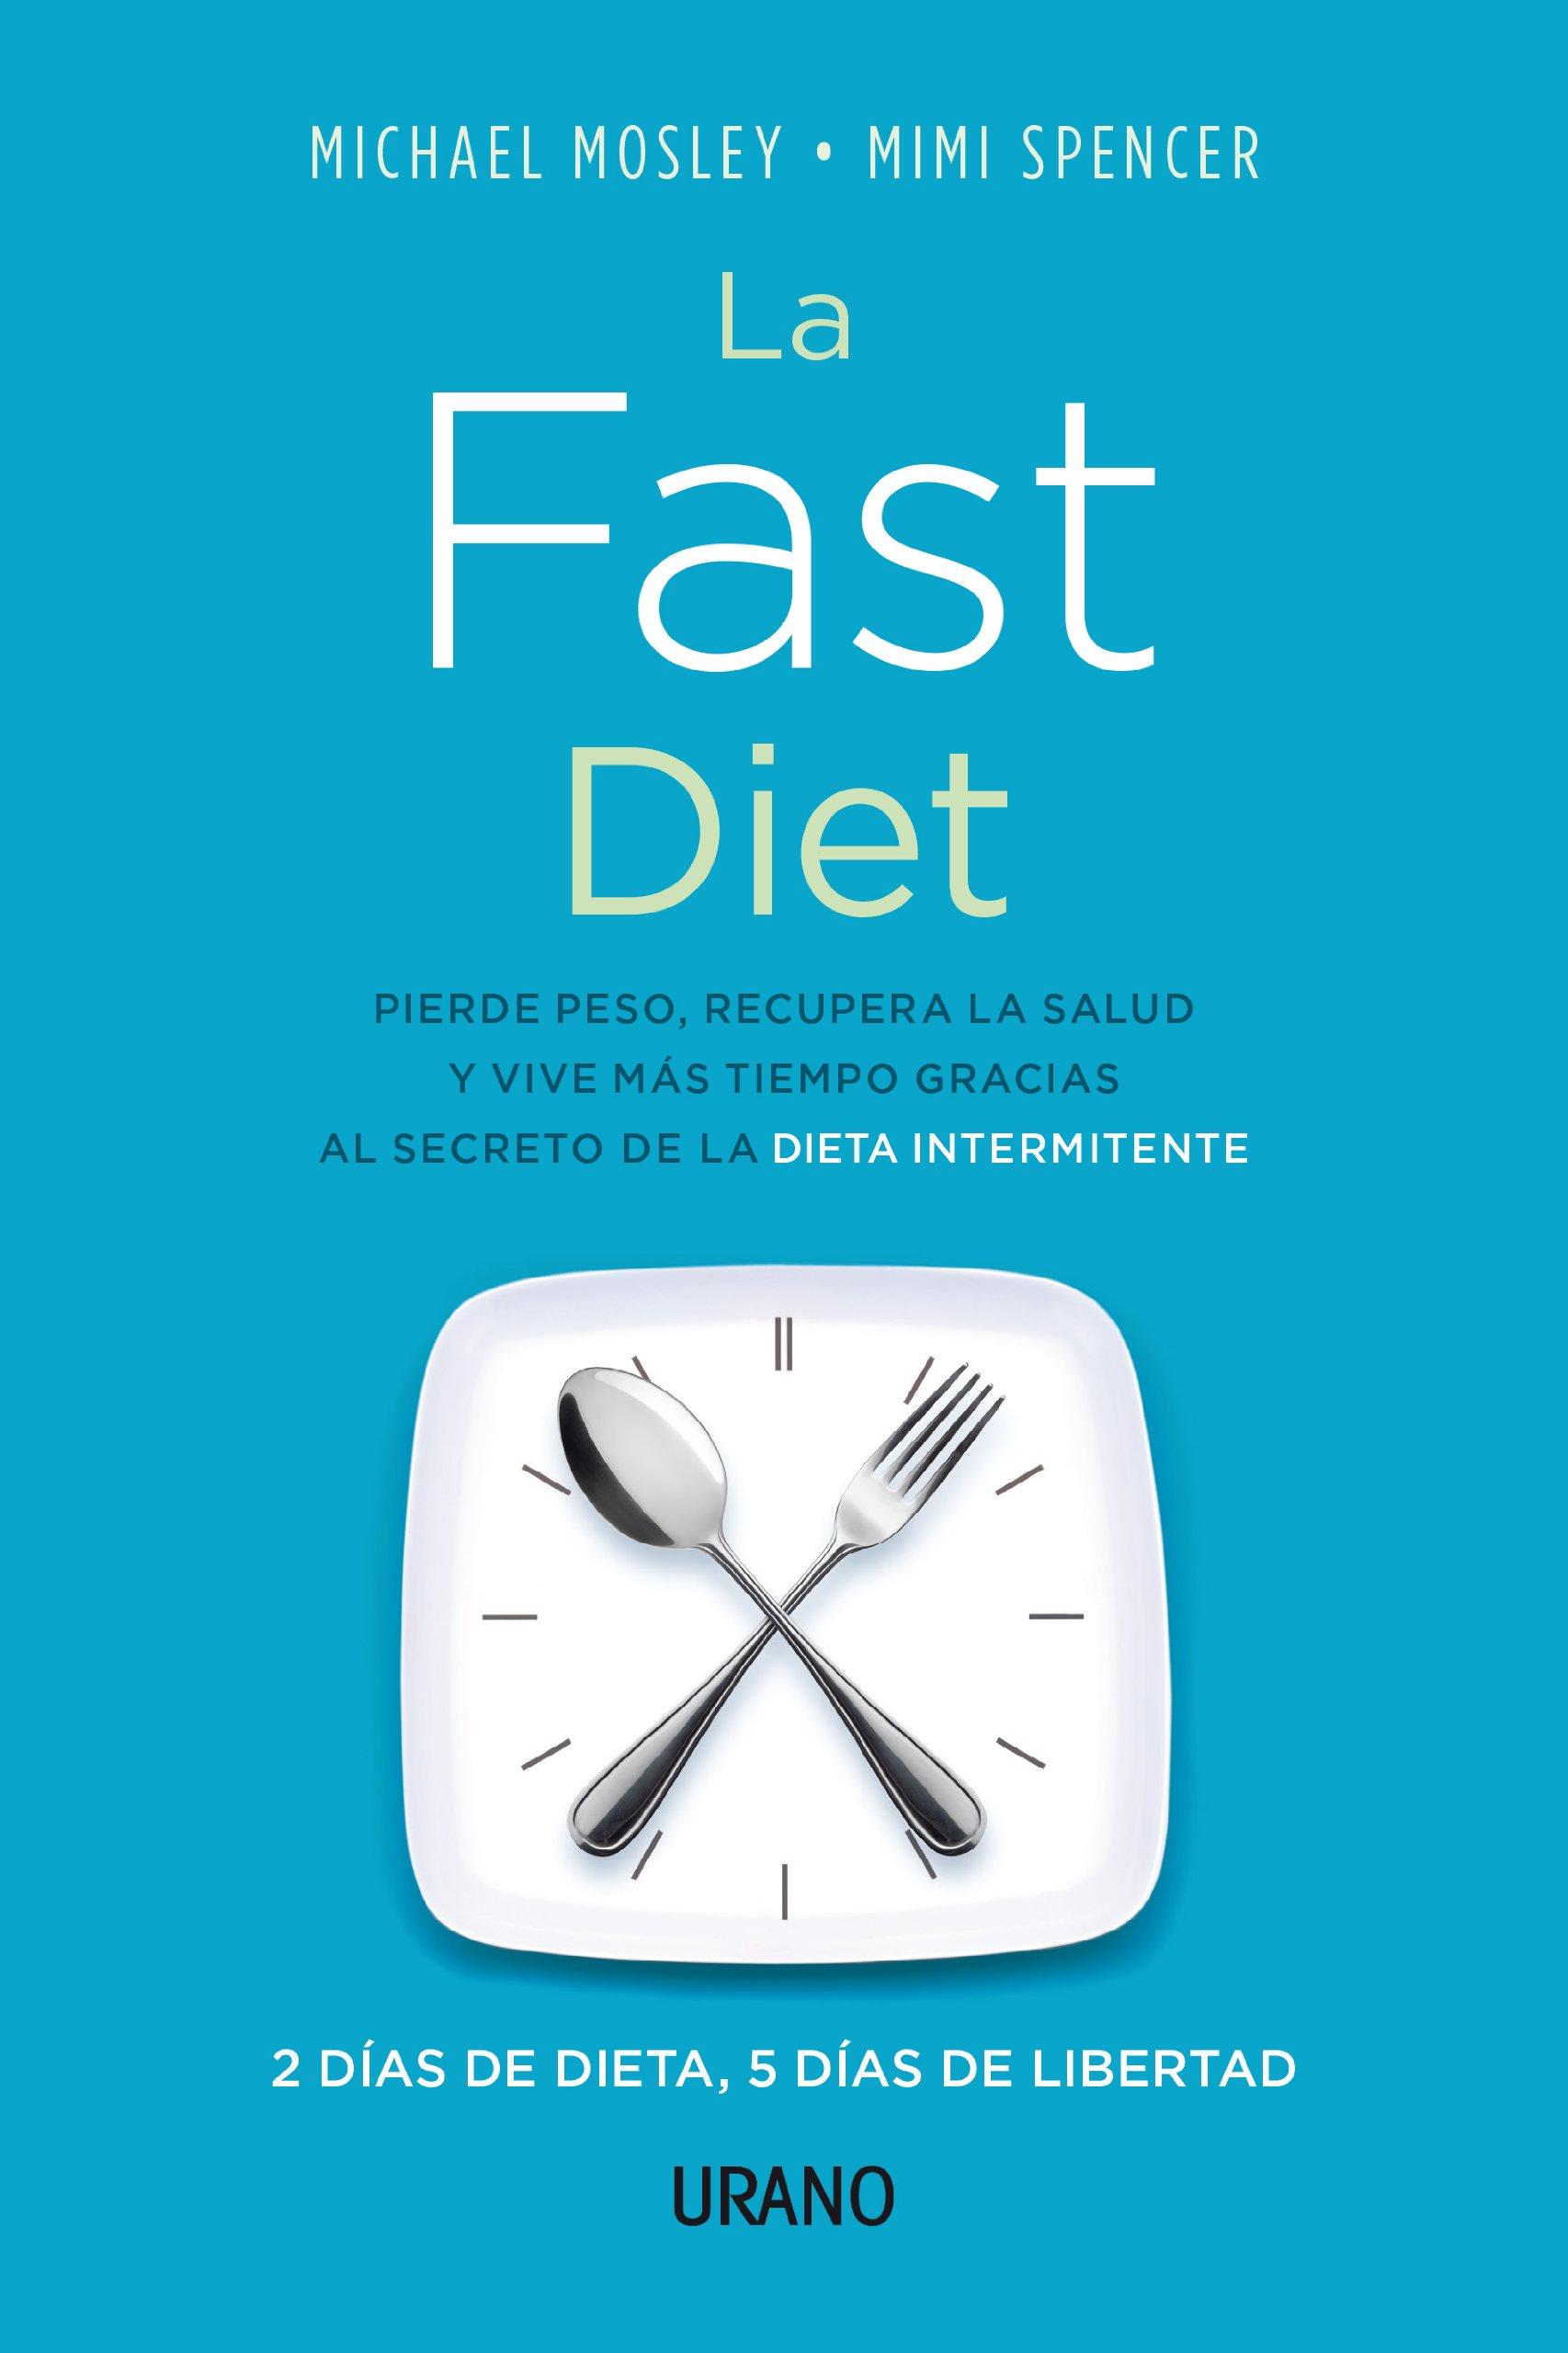 dieta fast 5 2